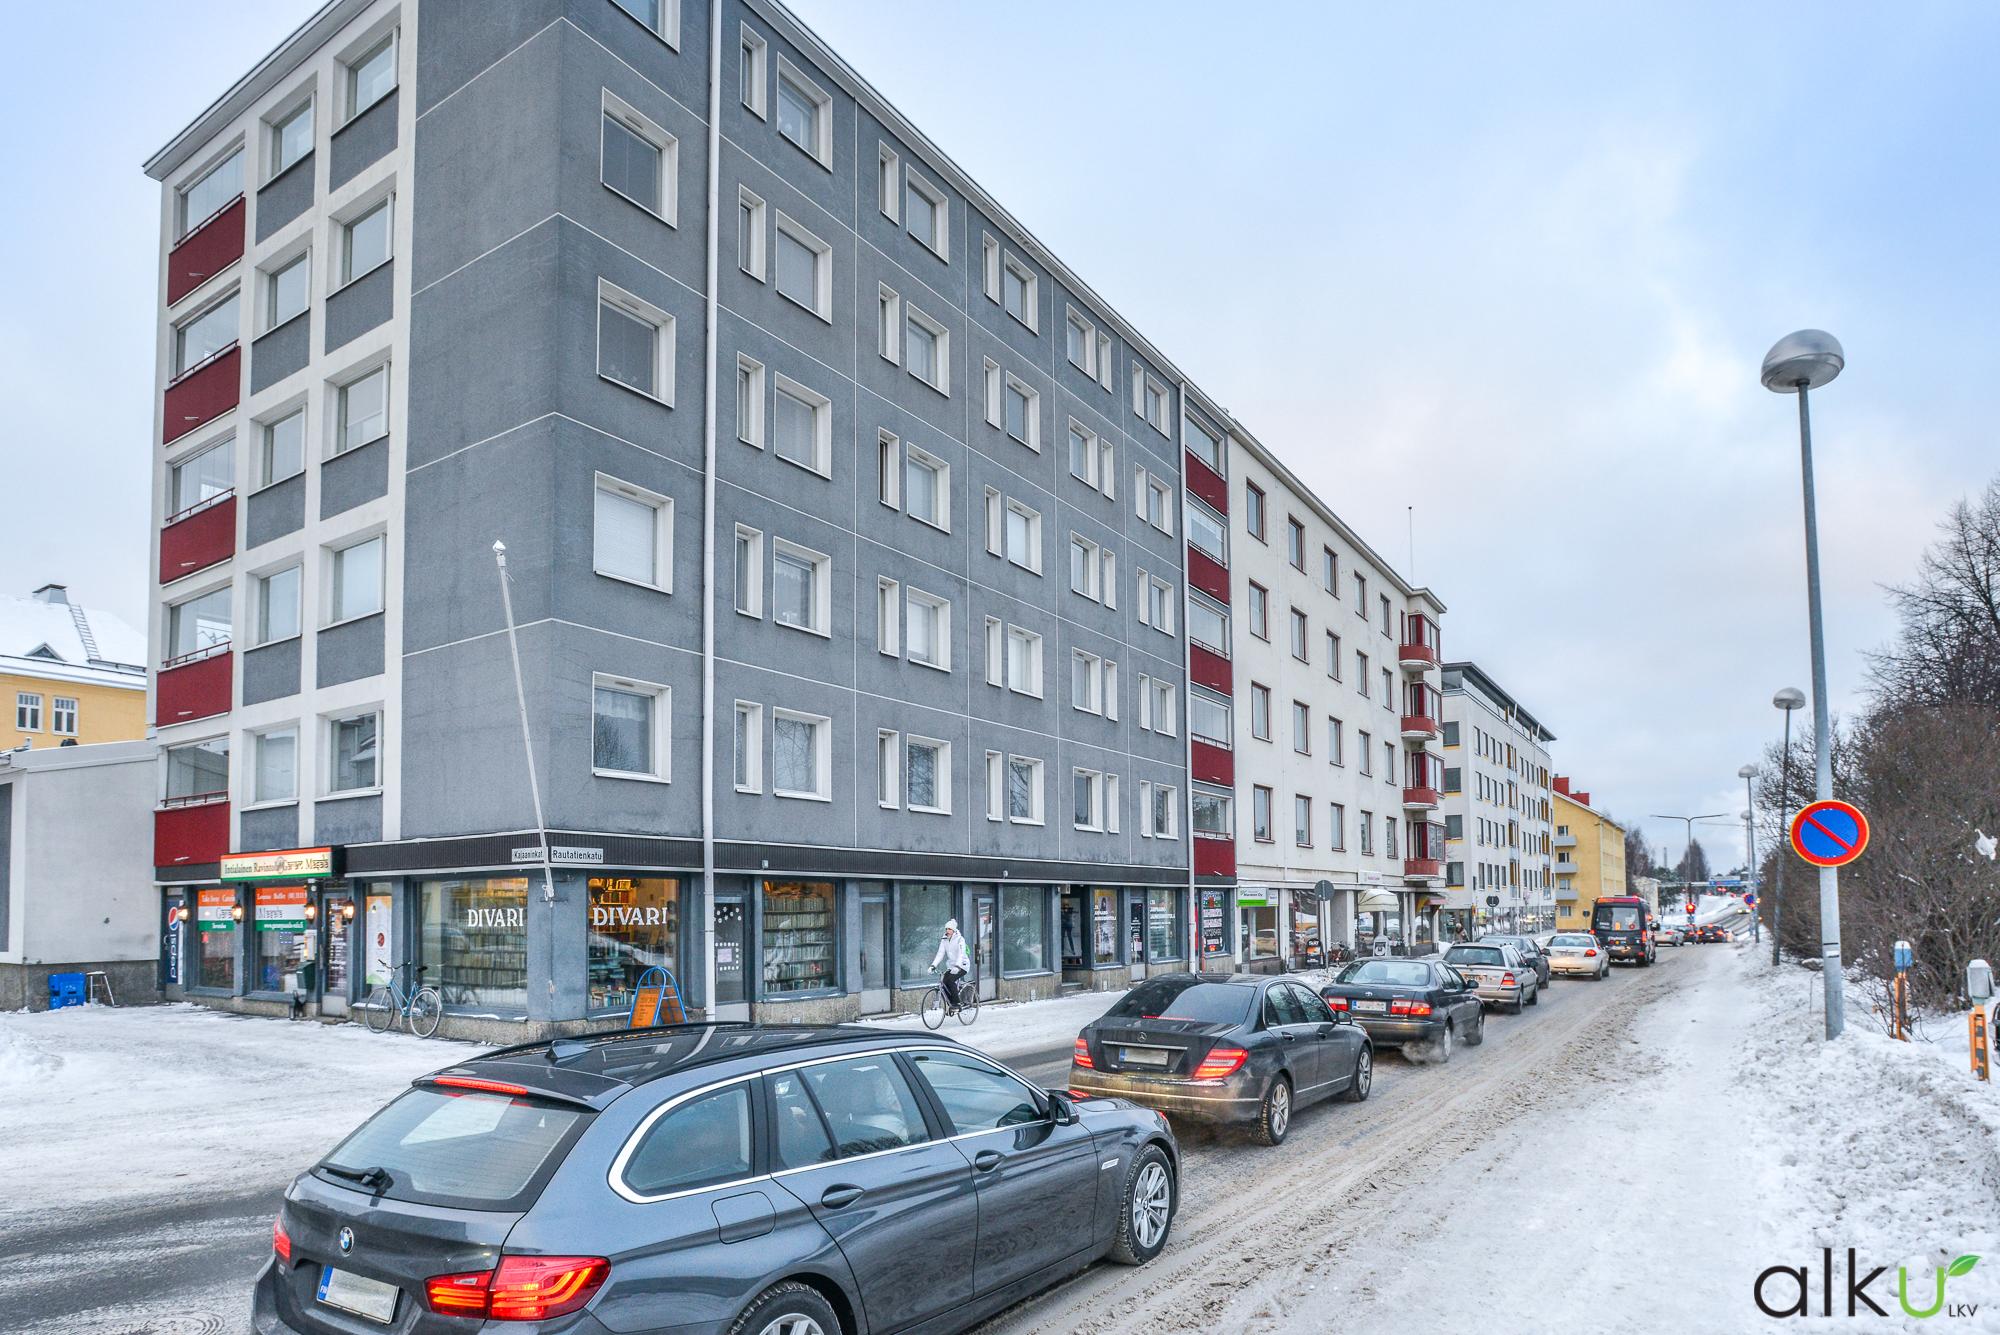 Toimitila, Rautatienkatu 6 L 4, Keskusta, Oulu